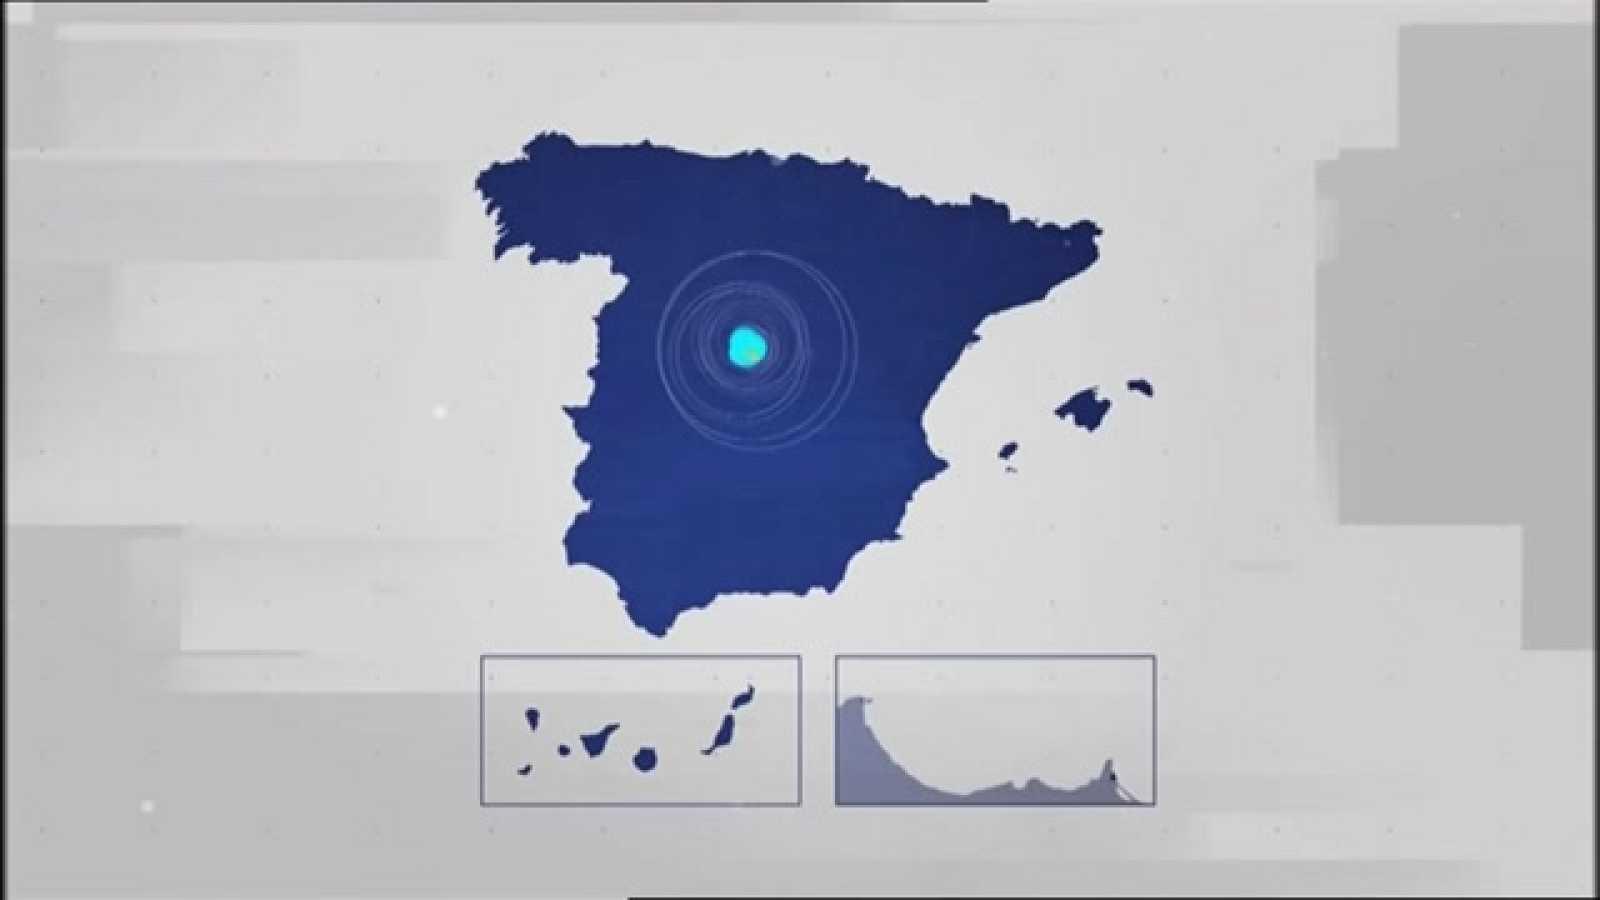 Noticias de Castilla-La Mancha 2 - 23/09/21 - Ver ahora